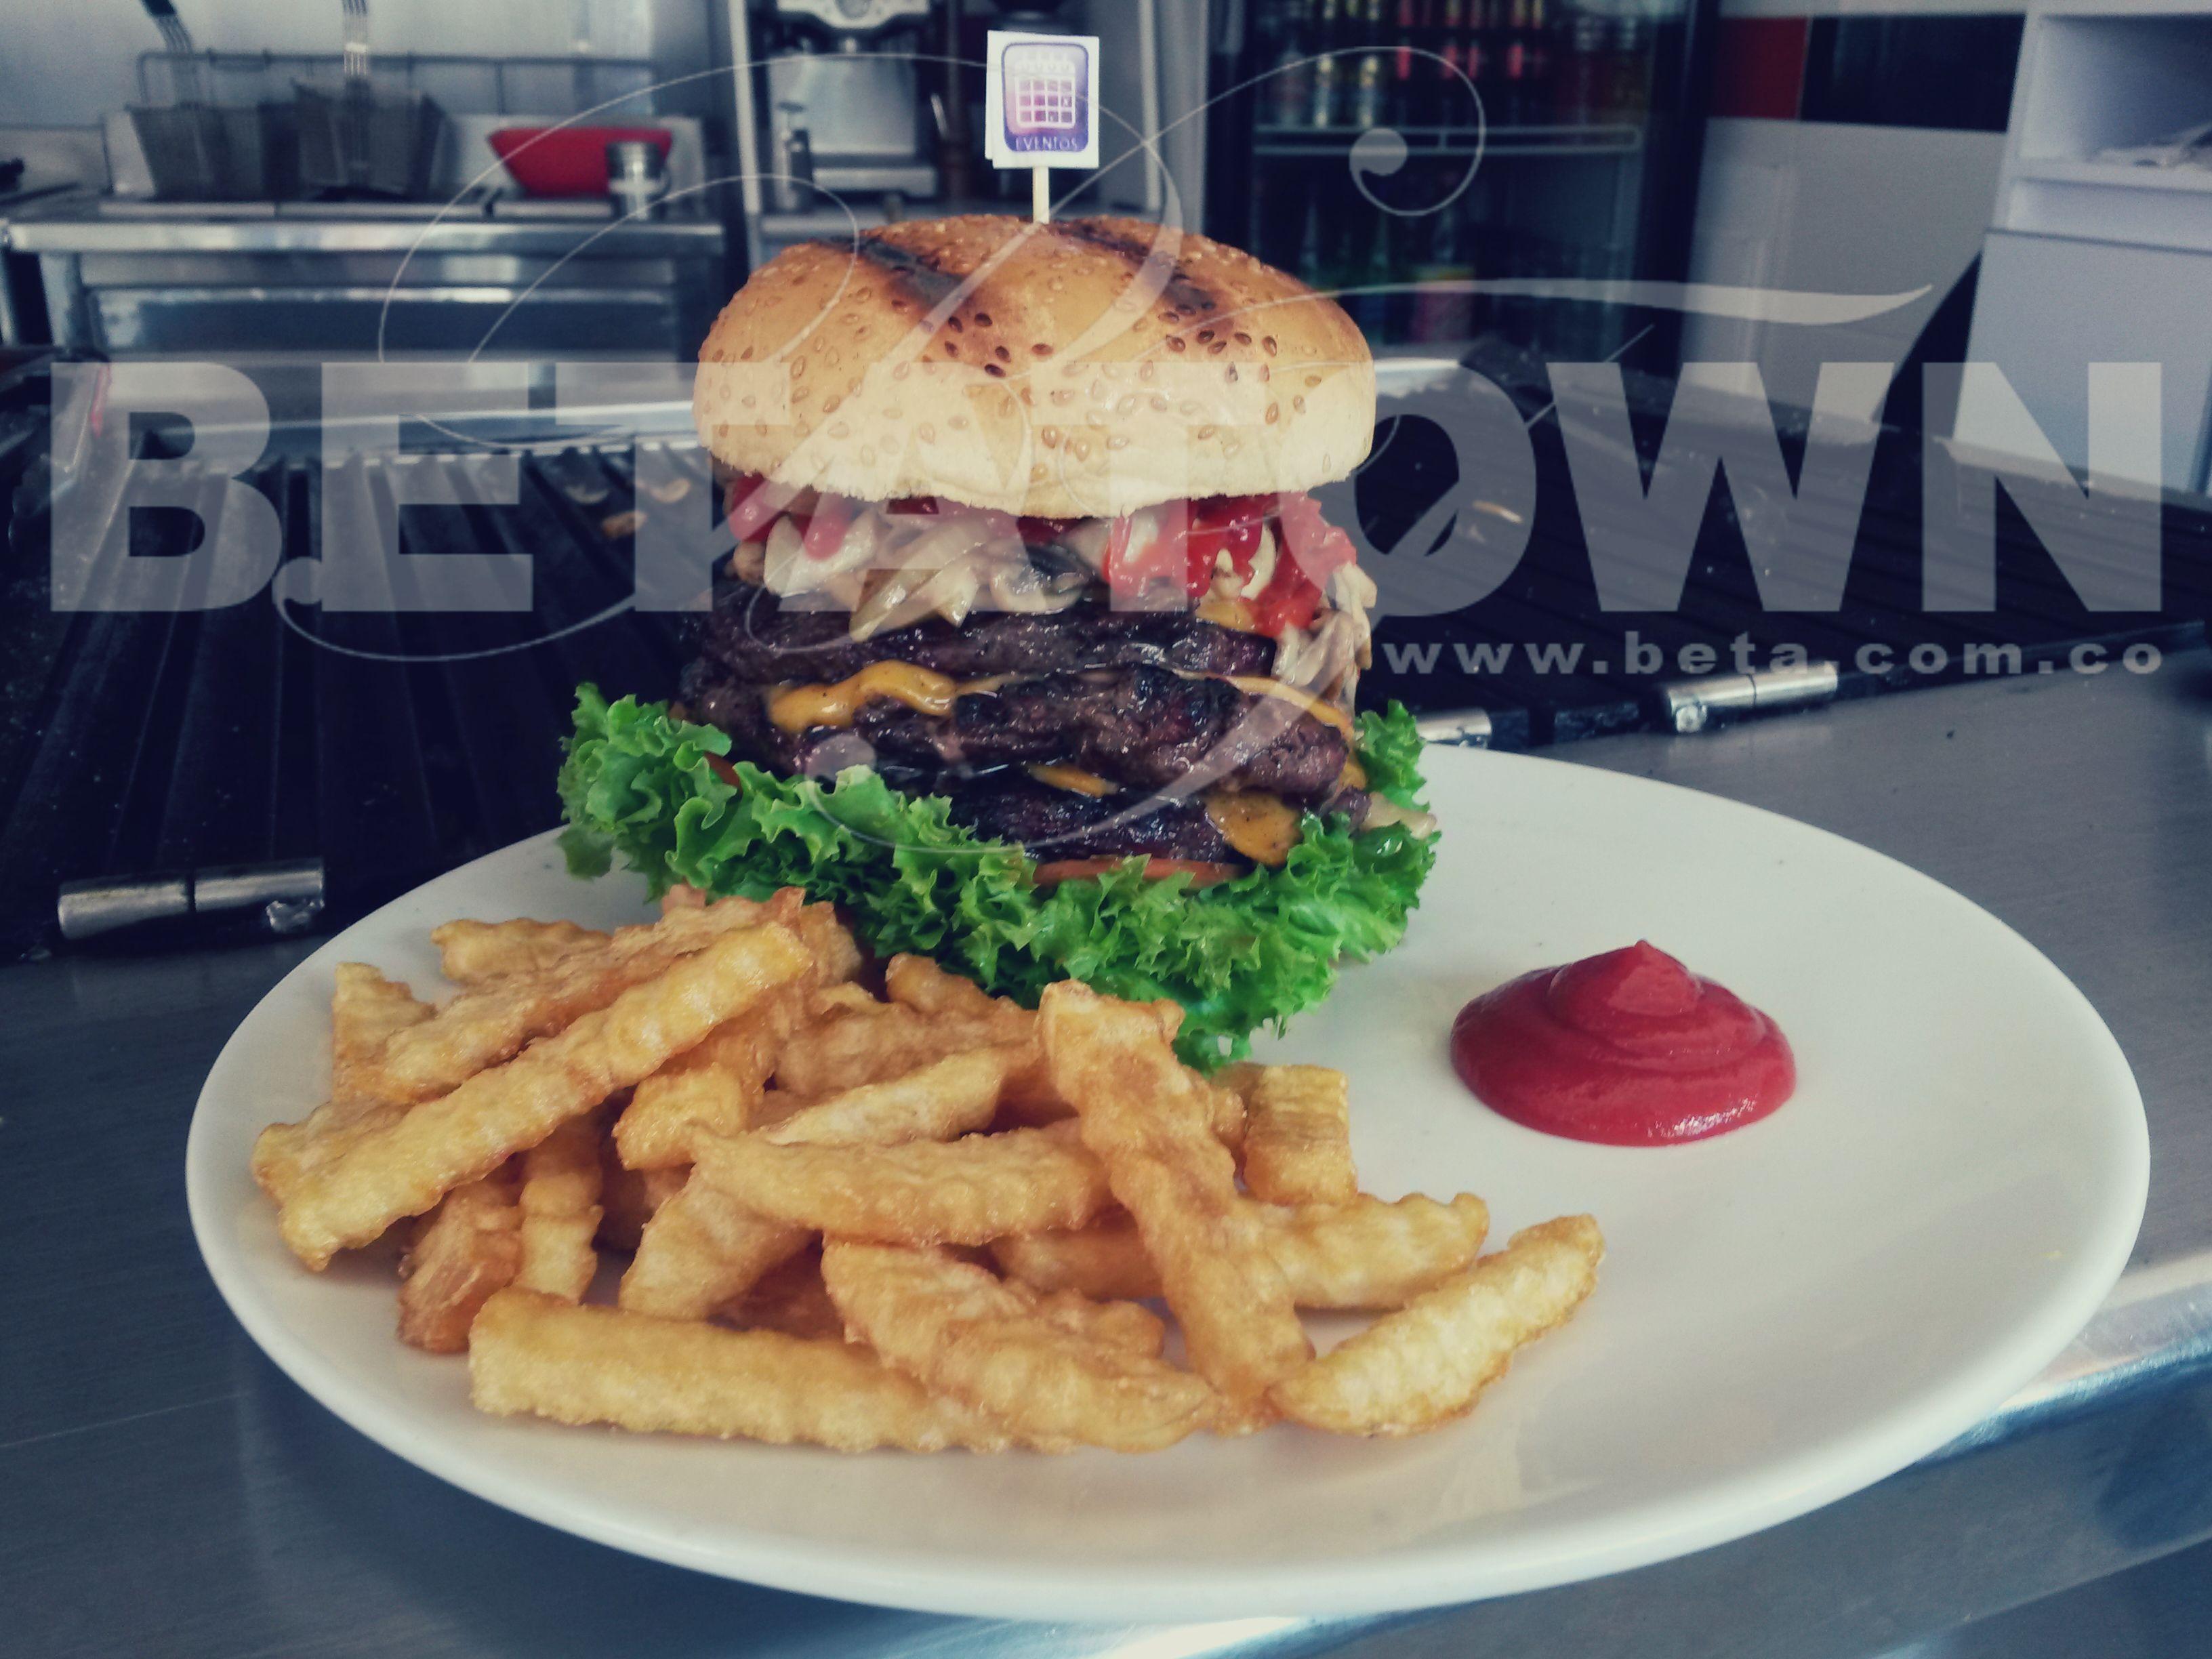 Disfruta de una deliciosa hamburguesa.. Con Betatown